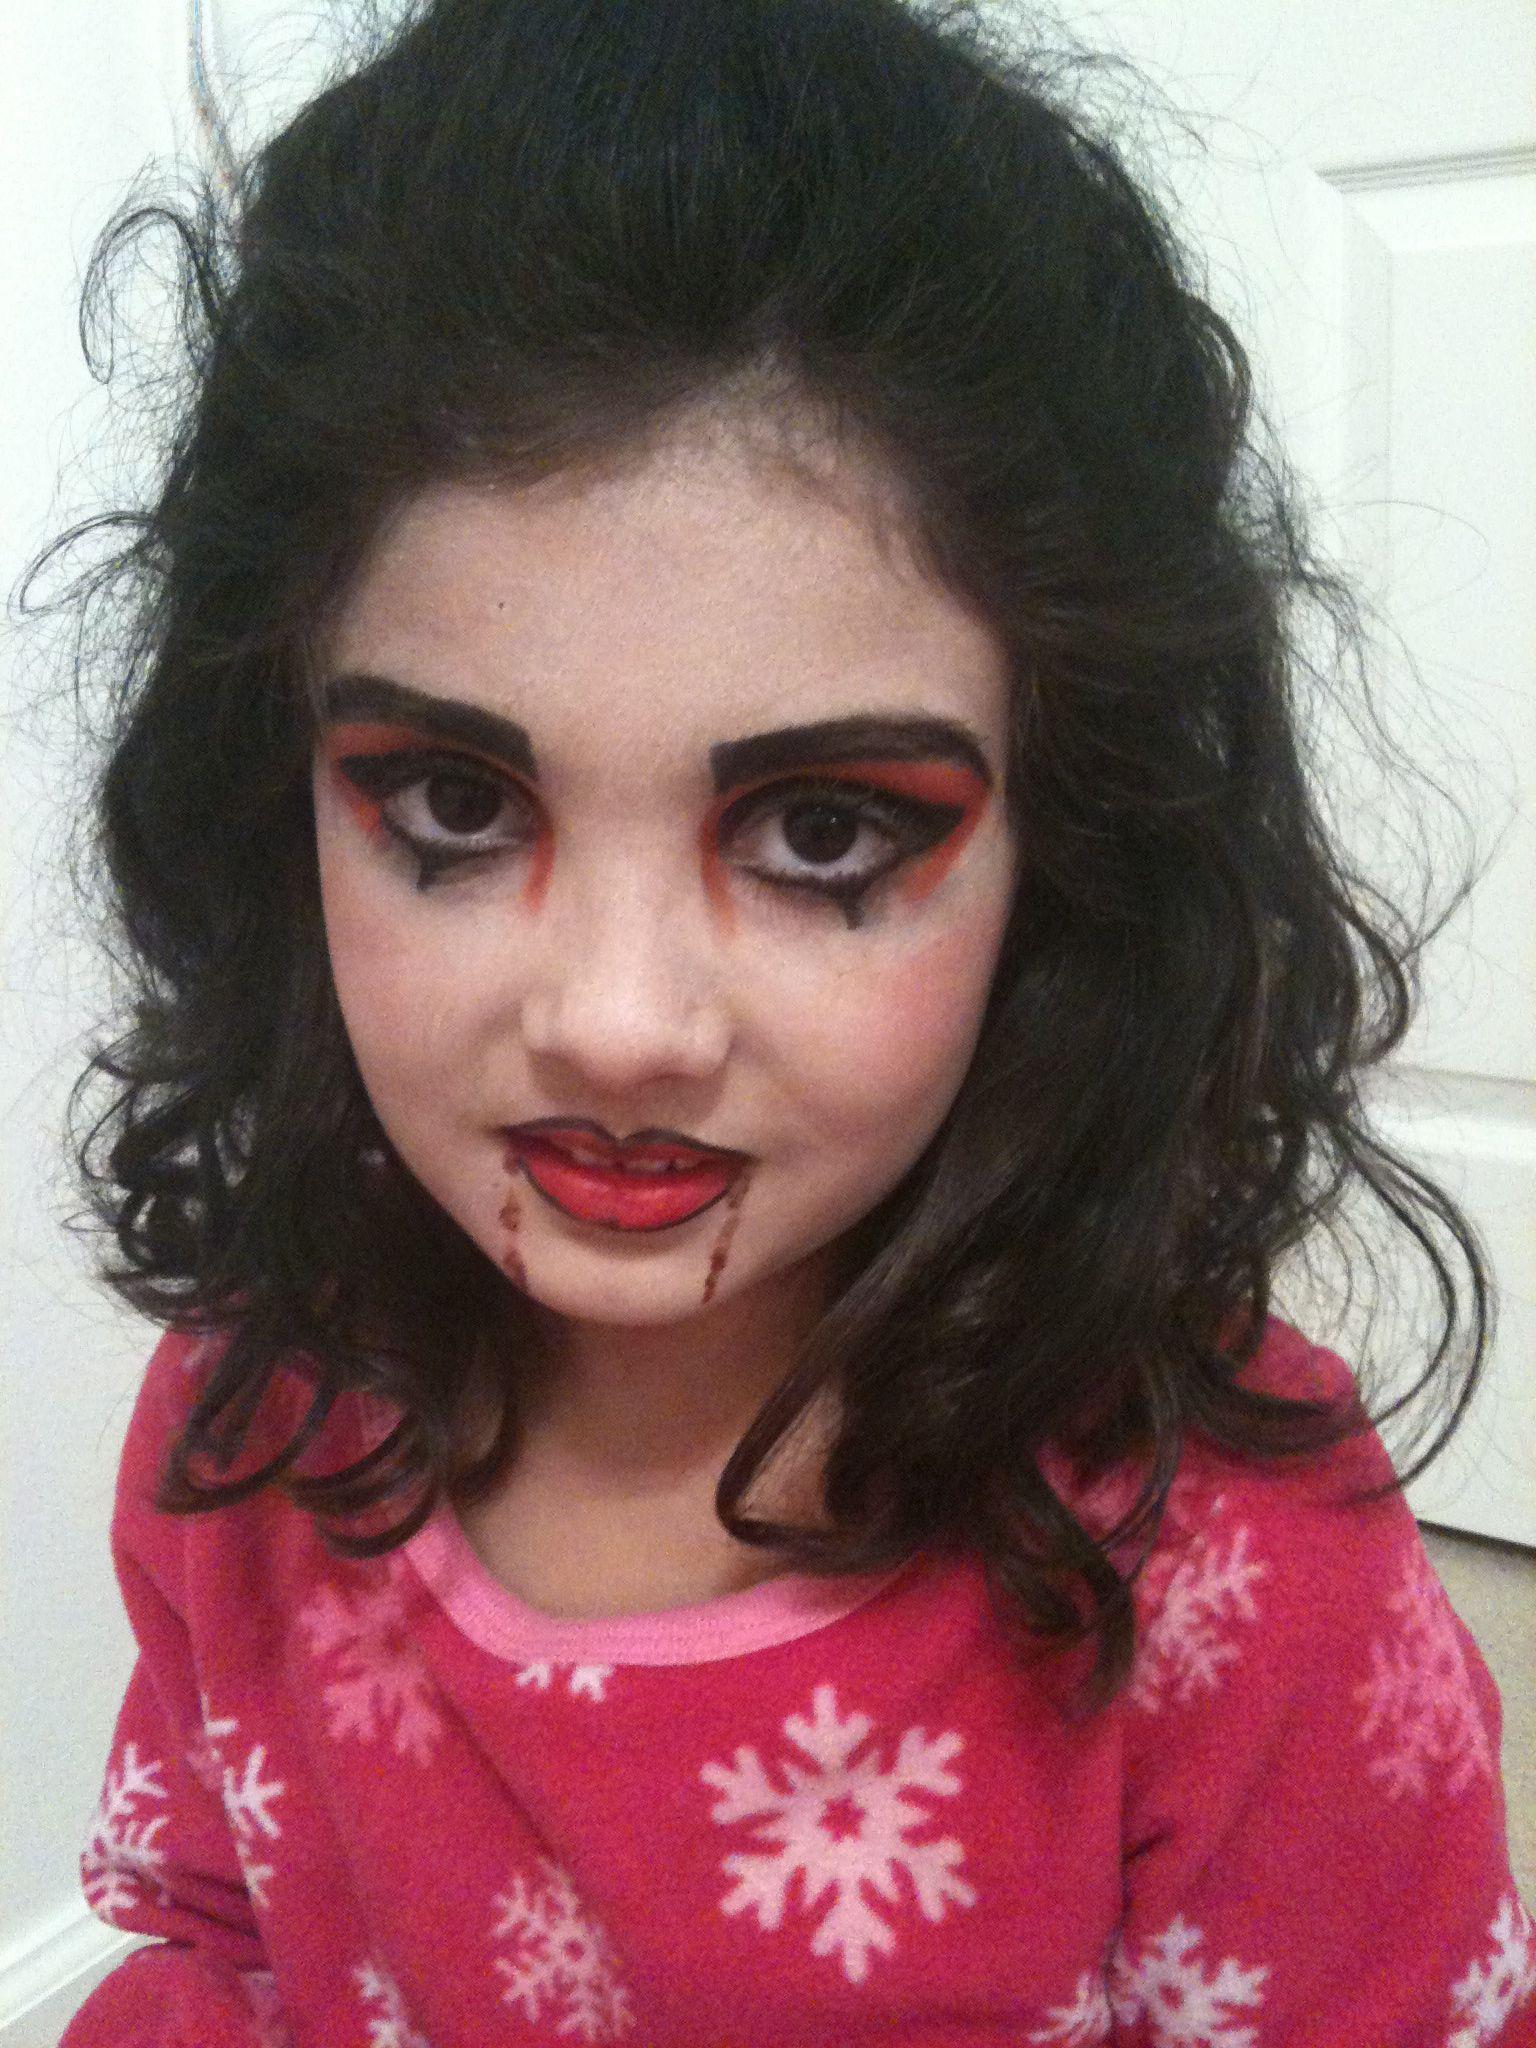 vampire makeup in 2019 Halloween makeup for kids